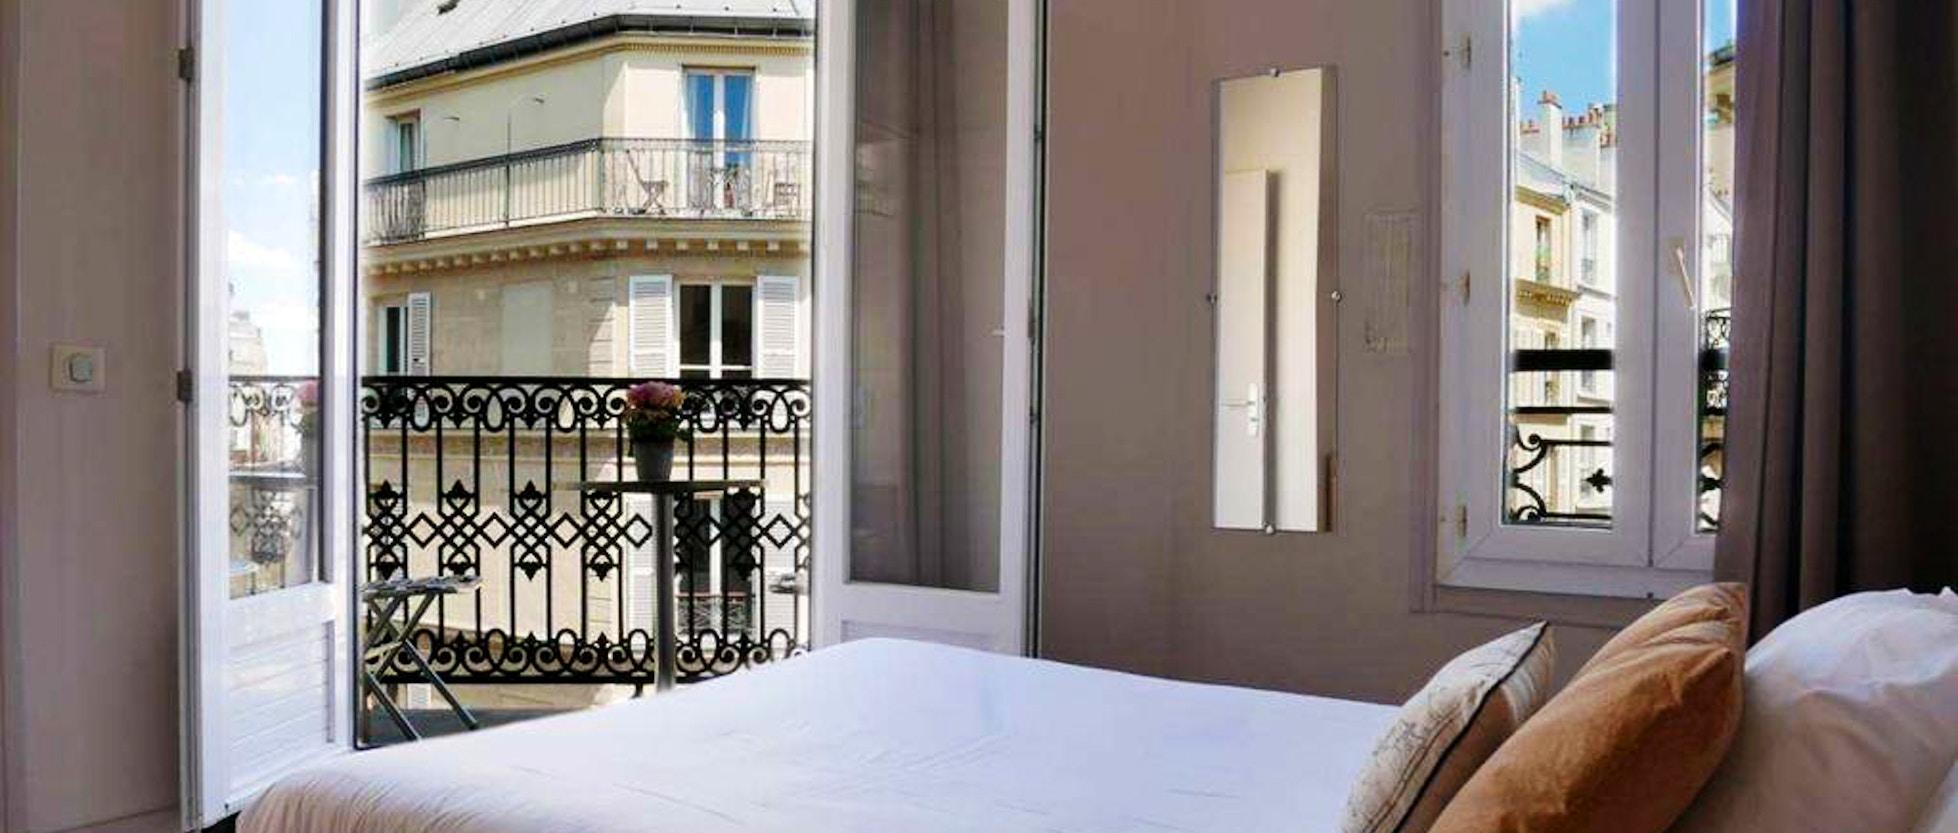 Hotel a Montmartre: Dormire nel quartiere romantico di Parigi